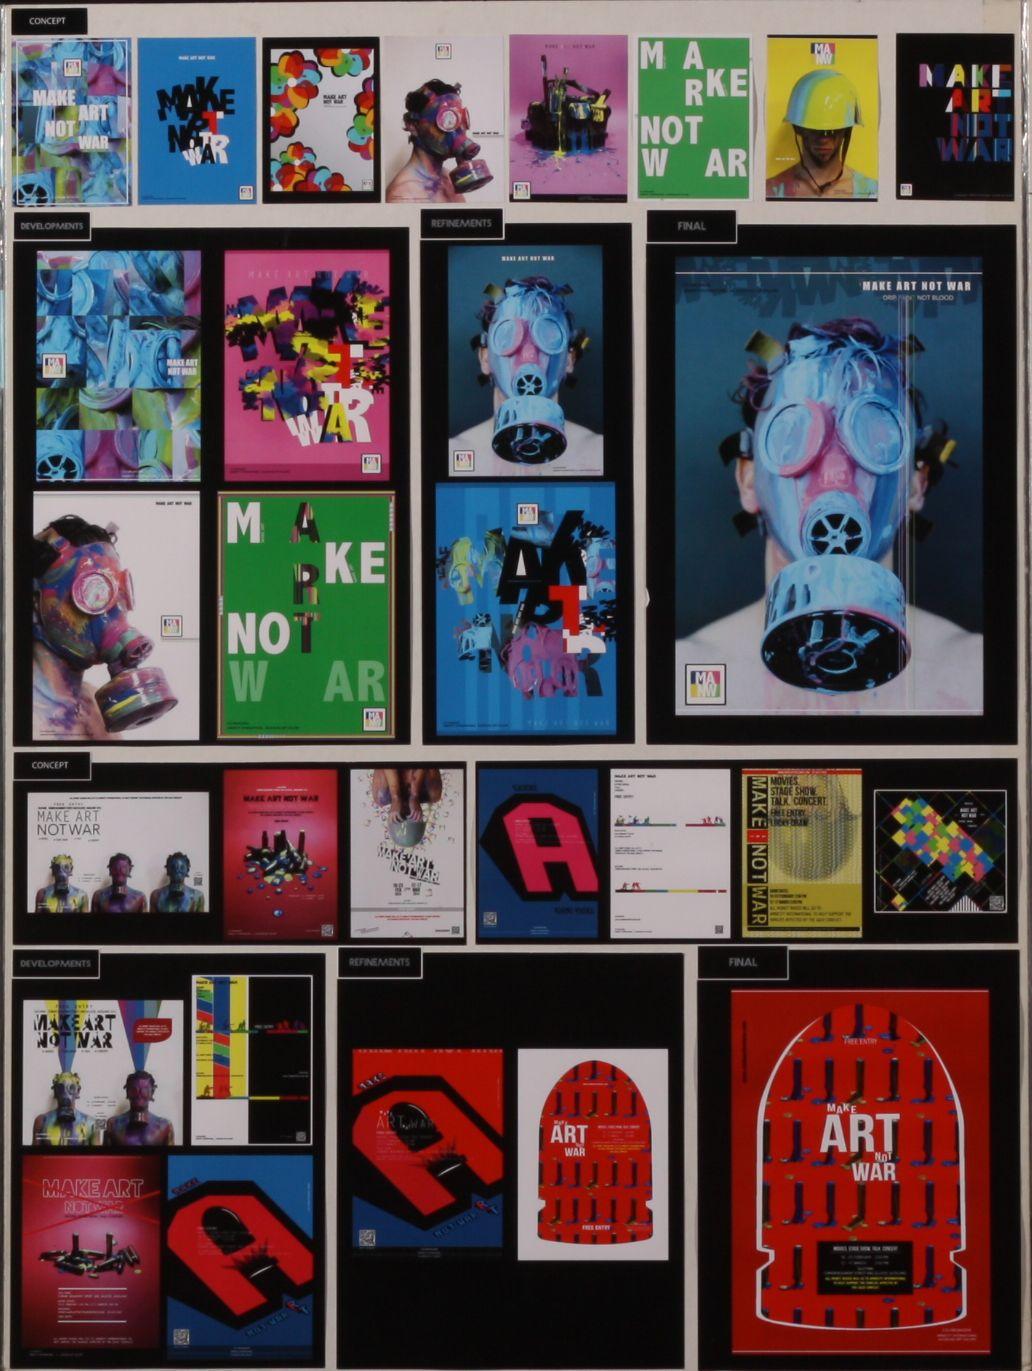 91455exp14student1bjpg 10321371 poster design